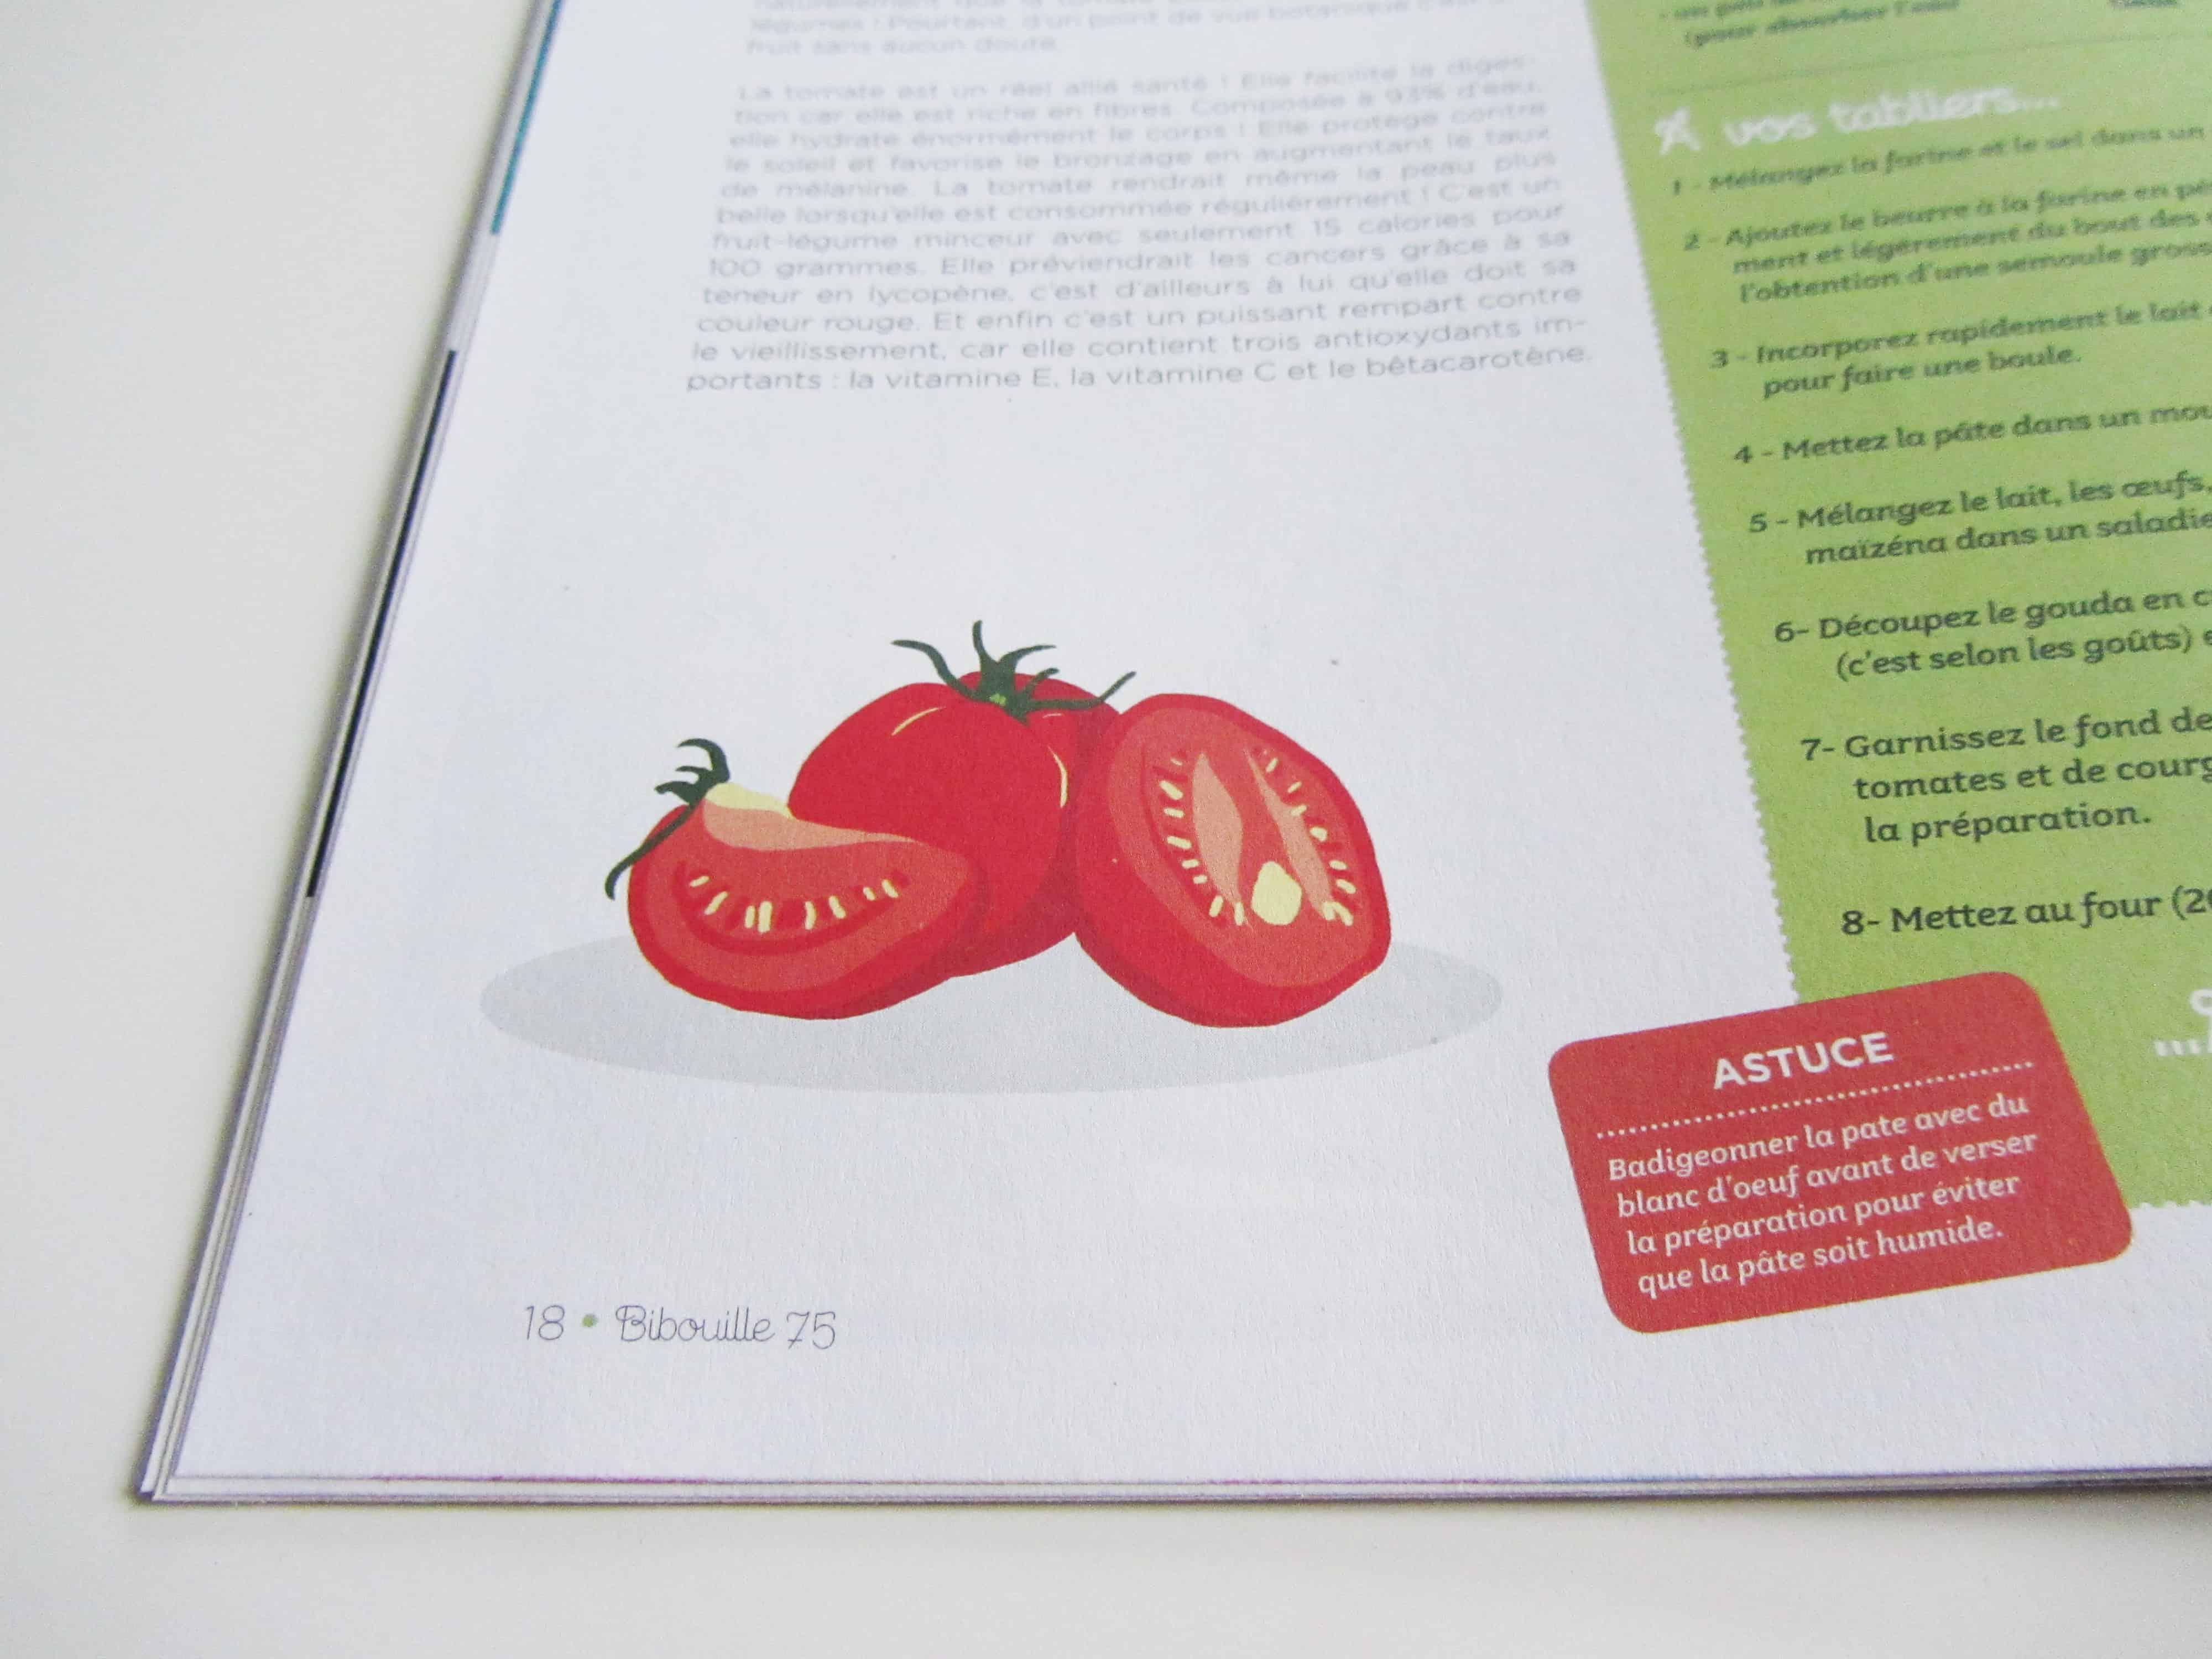 parution-illustration-dans-la-rubrique-cest-de-saison-de-la-tomate-dans-le-magazine-bibouille-recette-dessin